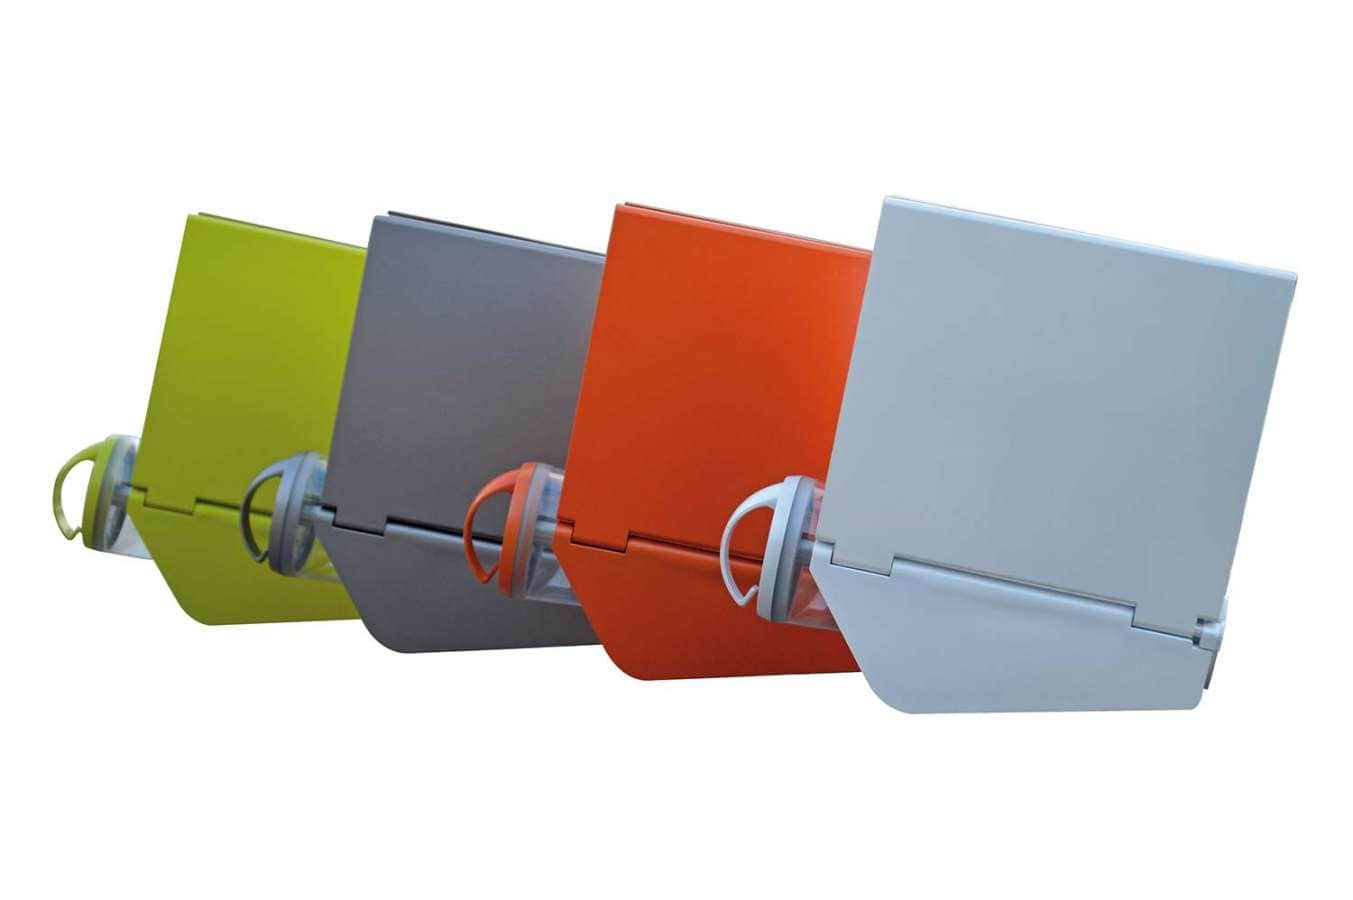 Lampe solaire nomade présentant la forme d'un papillon, les ailes incorporant les panneaux solaires. Autonomie de 4 à 12 heures. Rechargeable en 6 heures. ©Excloosiva distribué par ilightyou.com